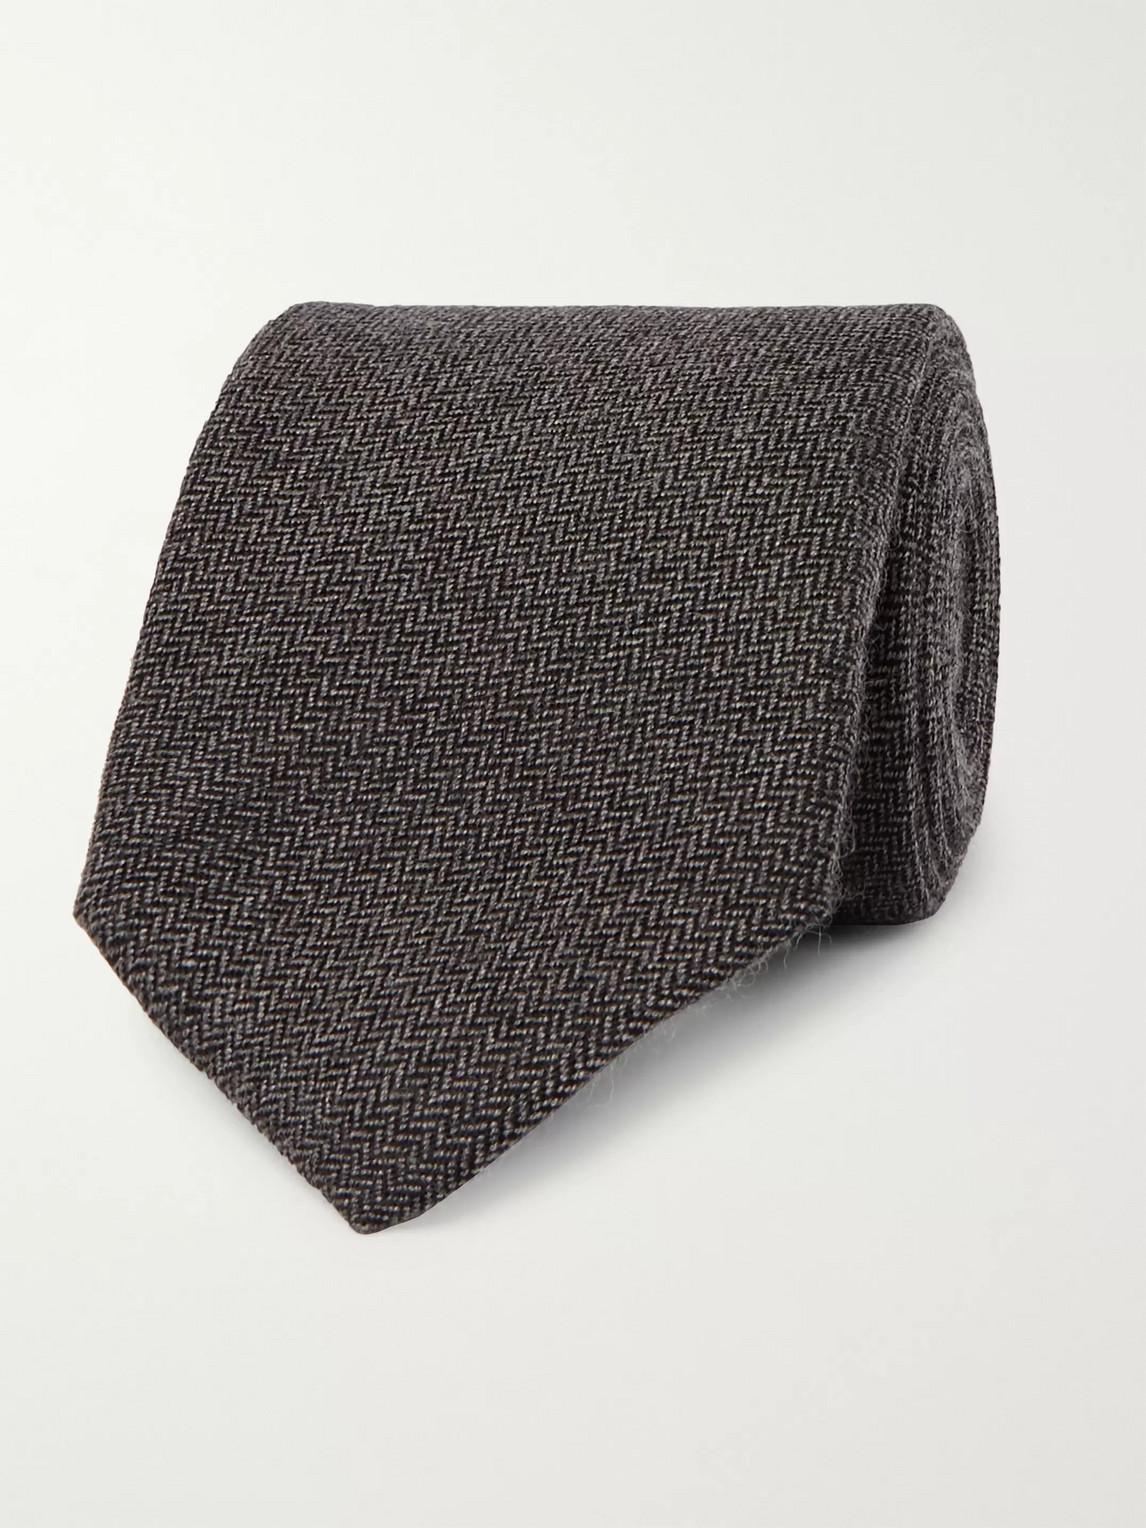 Kingsman Drake's 8cm Herringbone Cashmere Tie In Gray